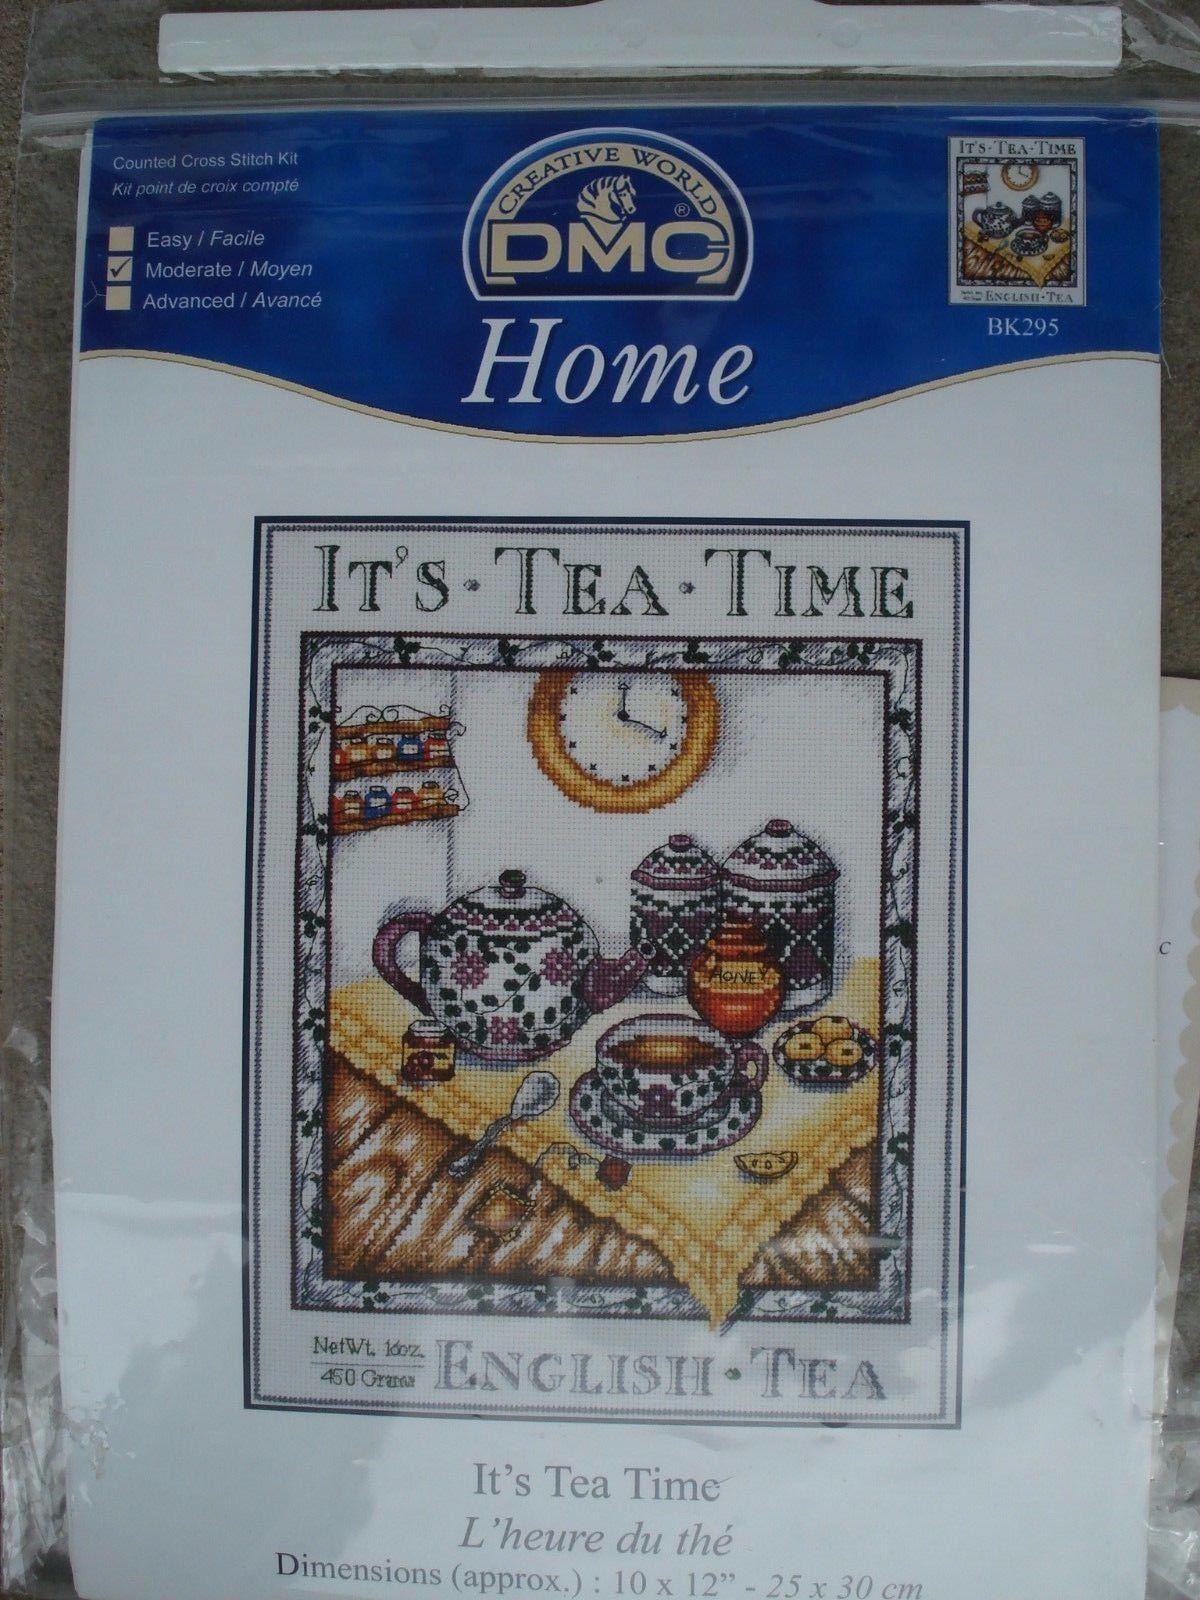 L Art Du Point De Croix dmc home bk295 it's tea time 25/30 cm. and 11 similar items